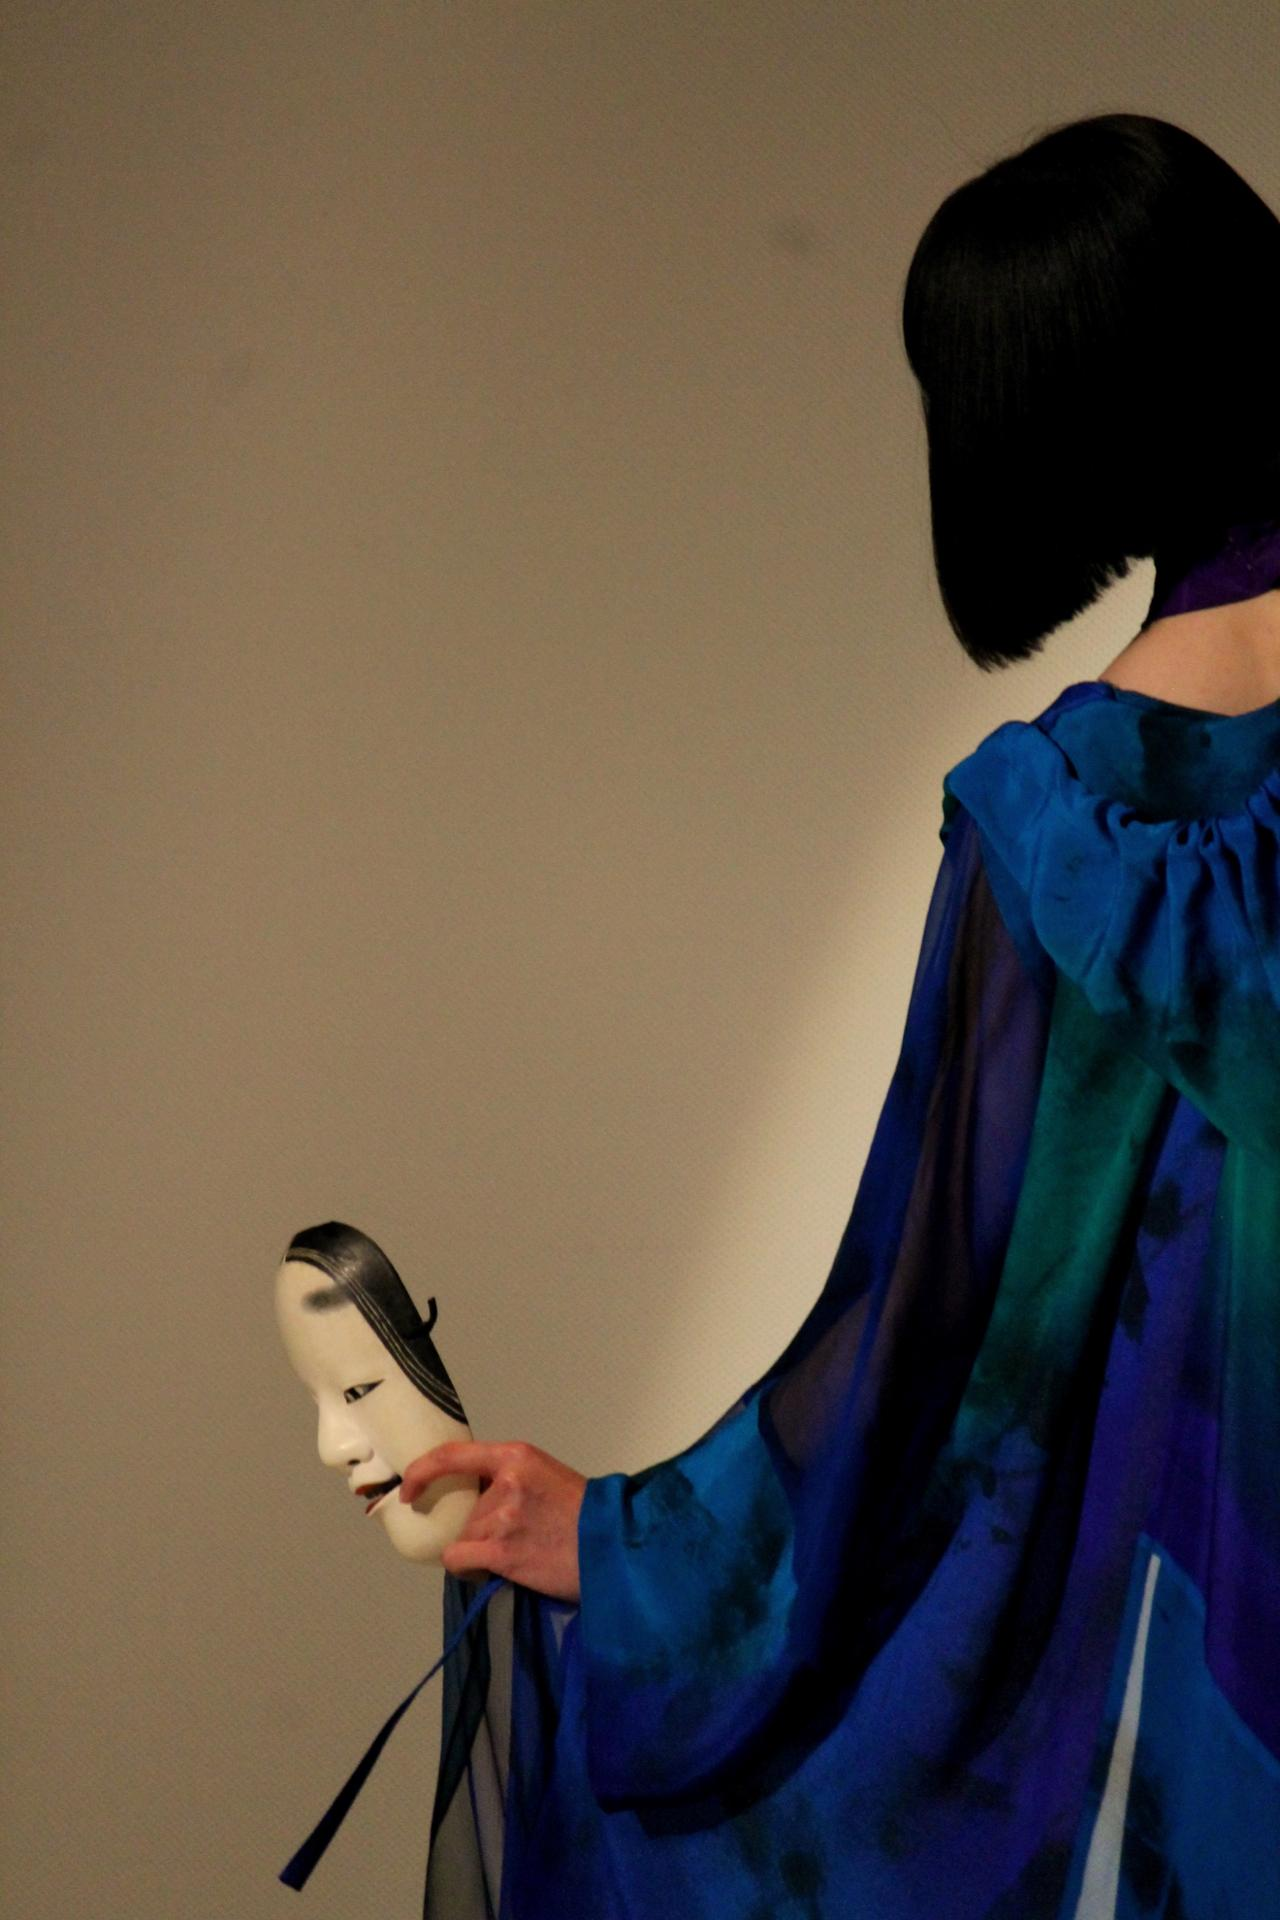 défilé de mode japonais Tokyo Paris photo jean couturier